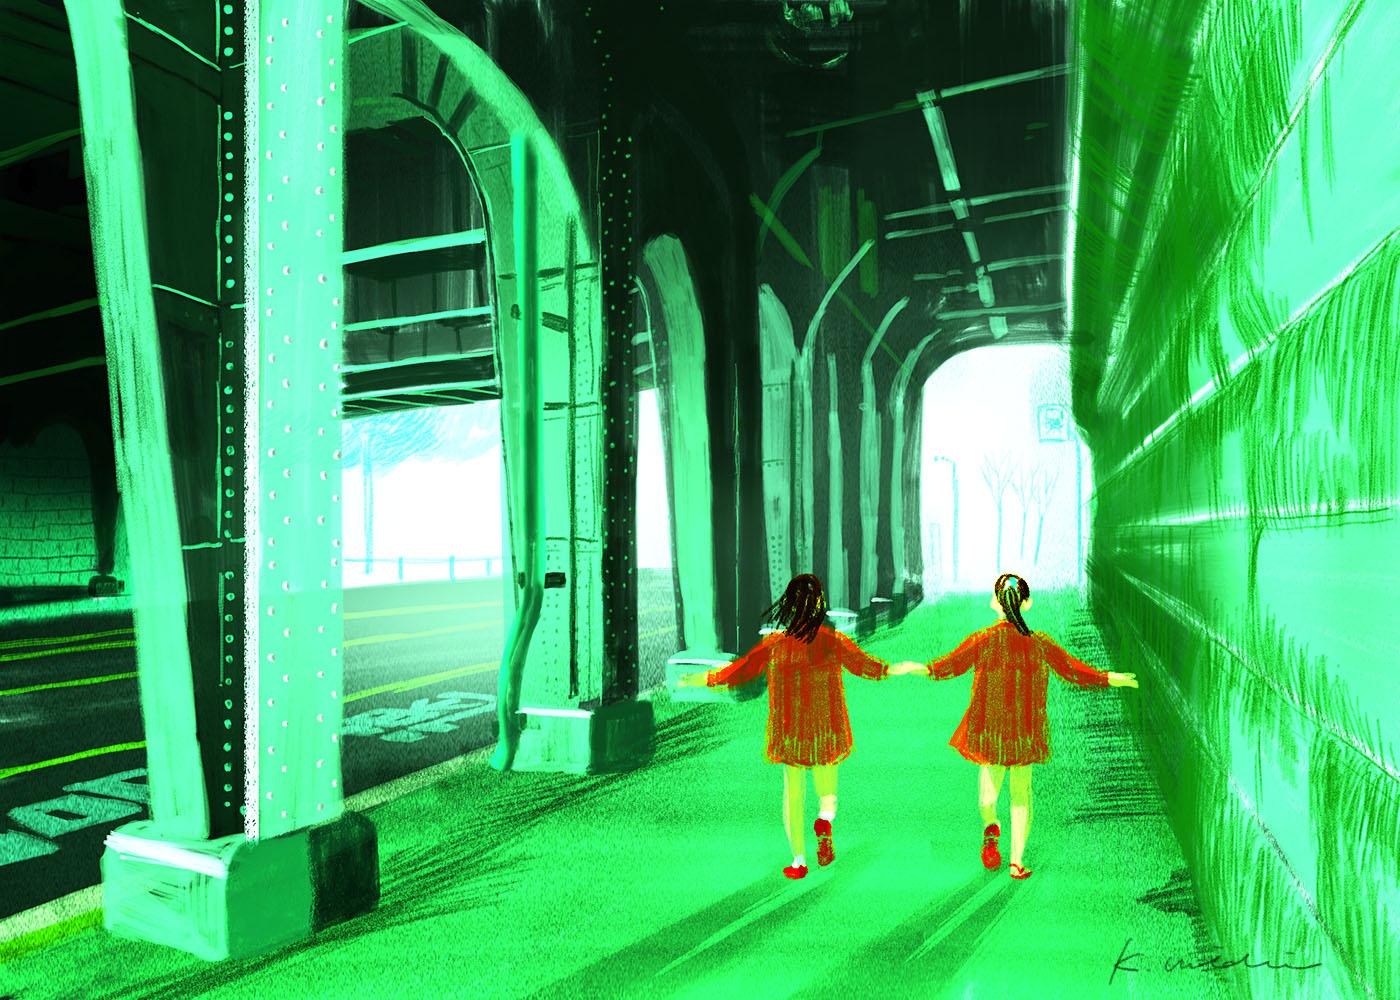 イラストレーション 風景 トンネル 少女